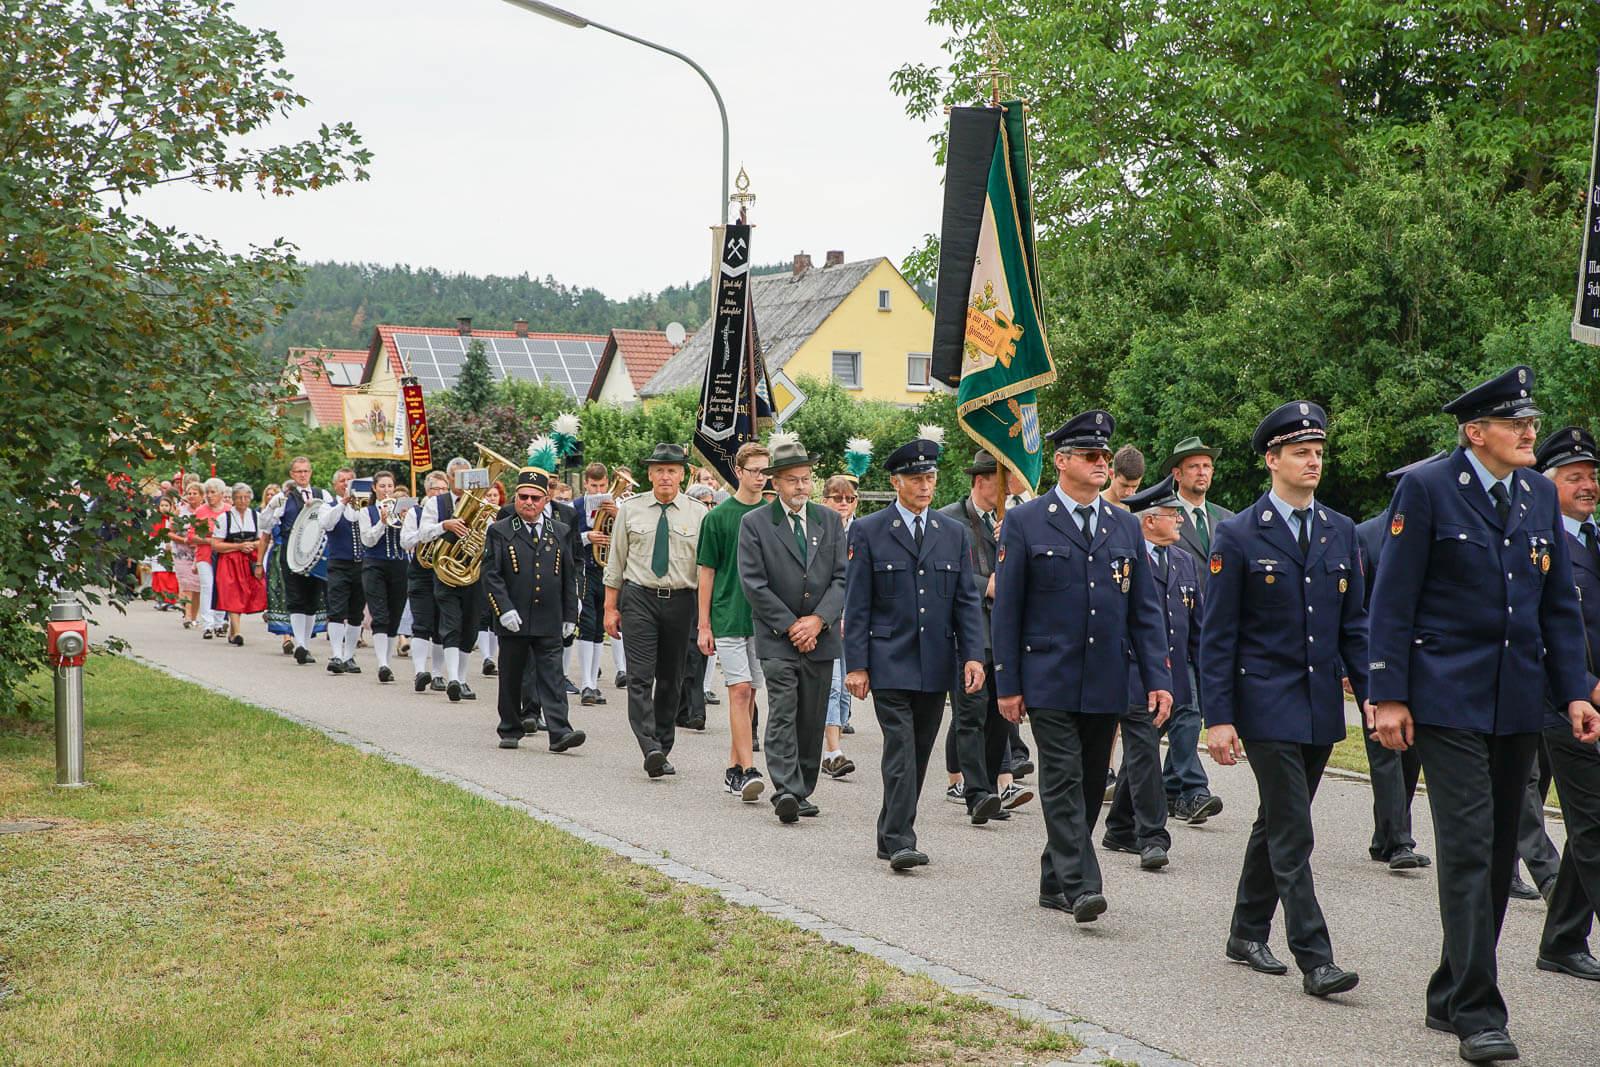 20190632-Fronleichnam Wölsendorf_DSC01180